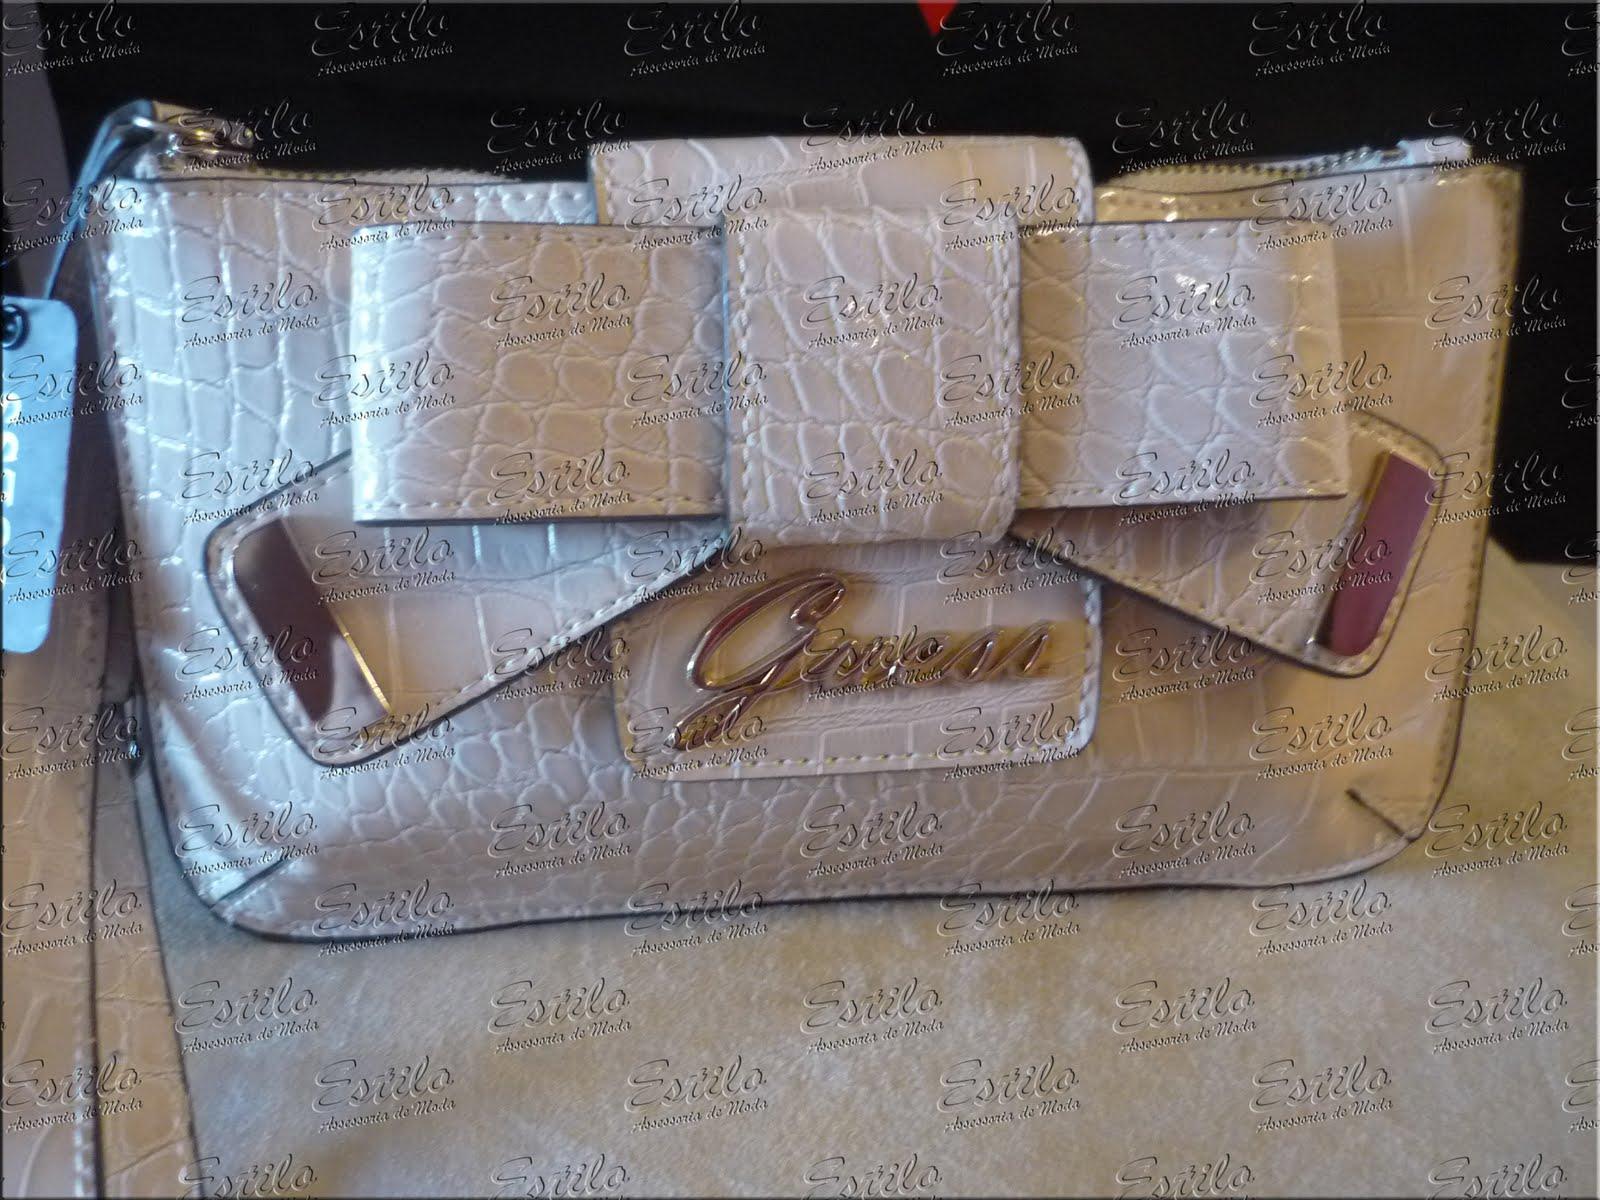 Bolsa De Mão Estilo Carteira : Bolsa carteira la?o guess estilo assessoria de moda